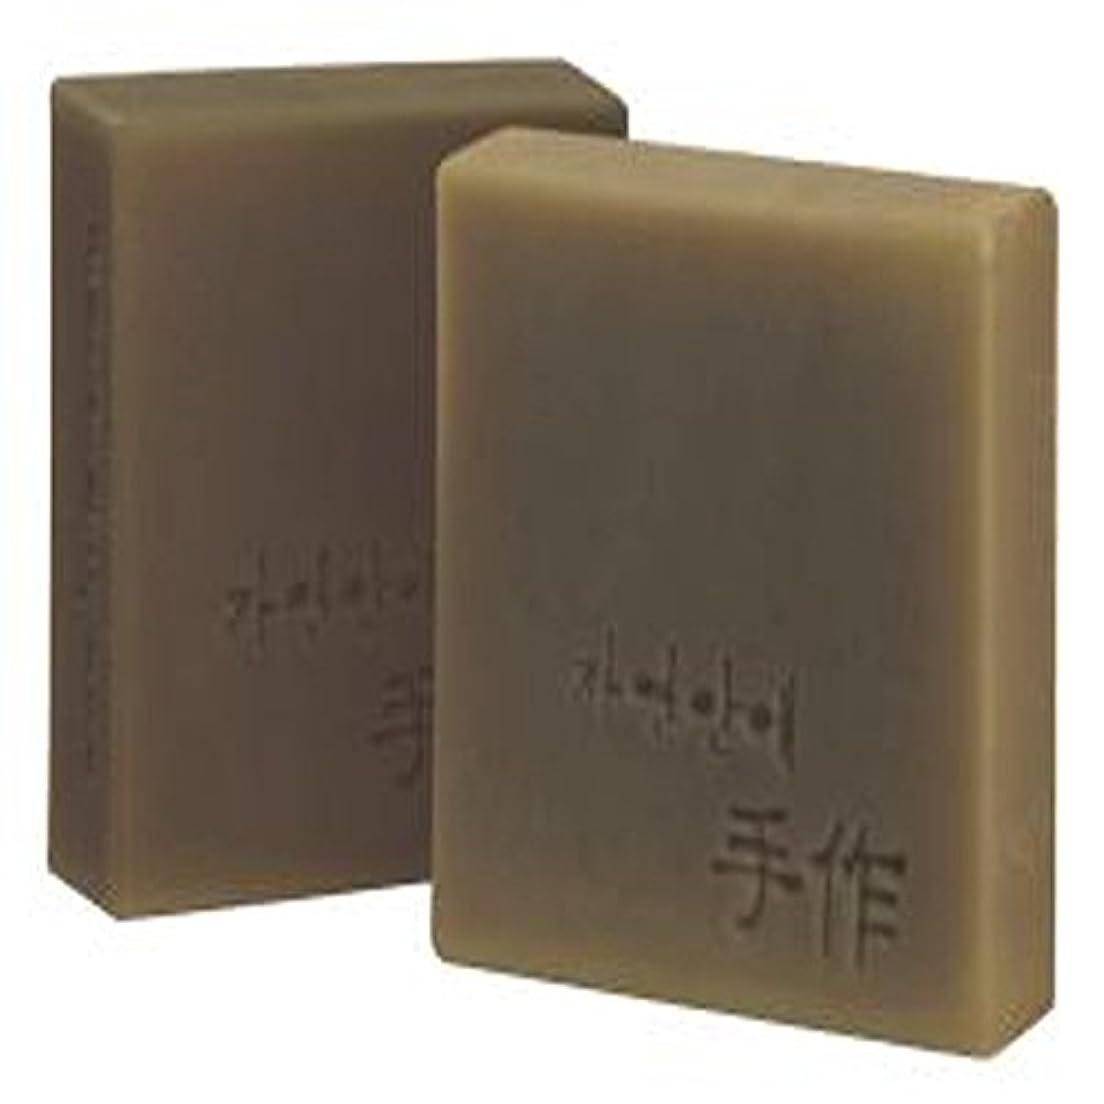 ペリスコープラインパテNatural organic 有機天然ソープ 固形 無添加 洗顔せっけんクレンジング [並行輸入品] (当帰)